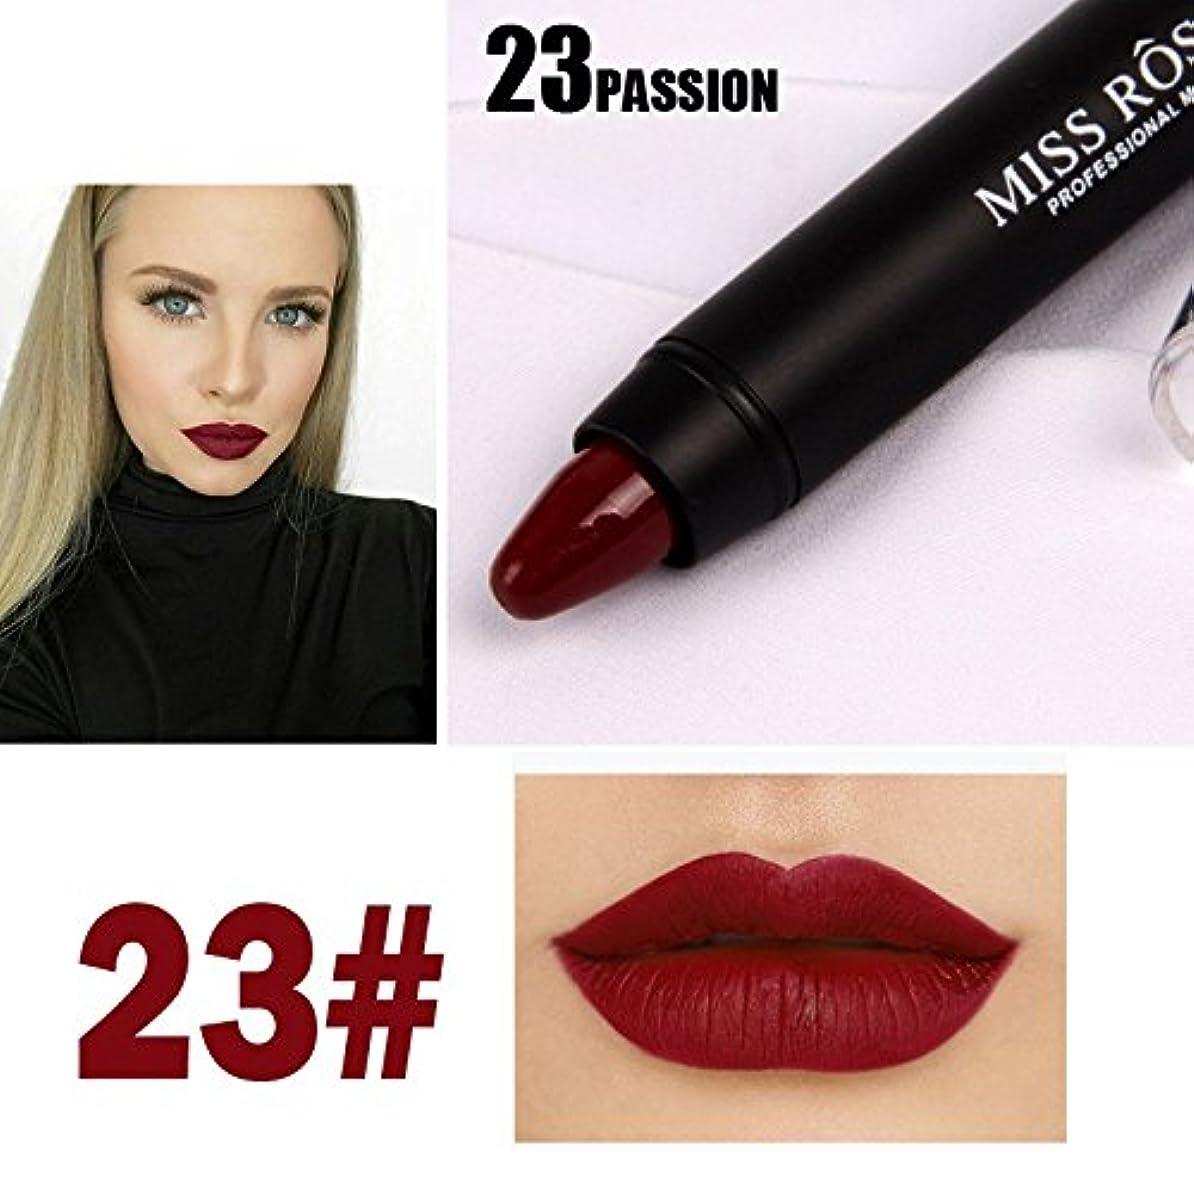 新鮮などれ違法MISS ROSE Professional Women Waterproof Lipstick Lips Cream Beauty Lote Batom Matte Lipstick Nude Pencils Makeup